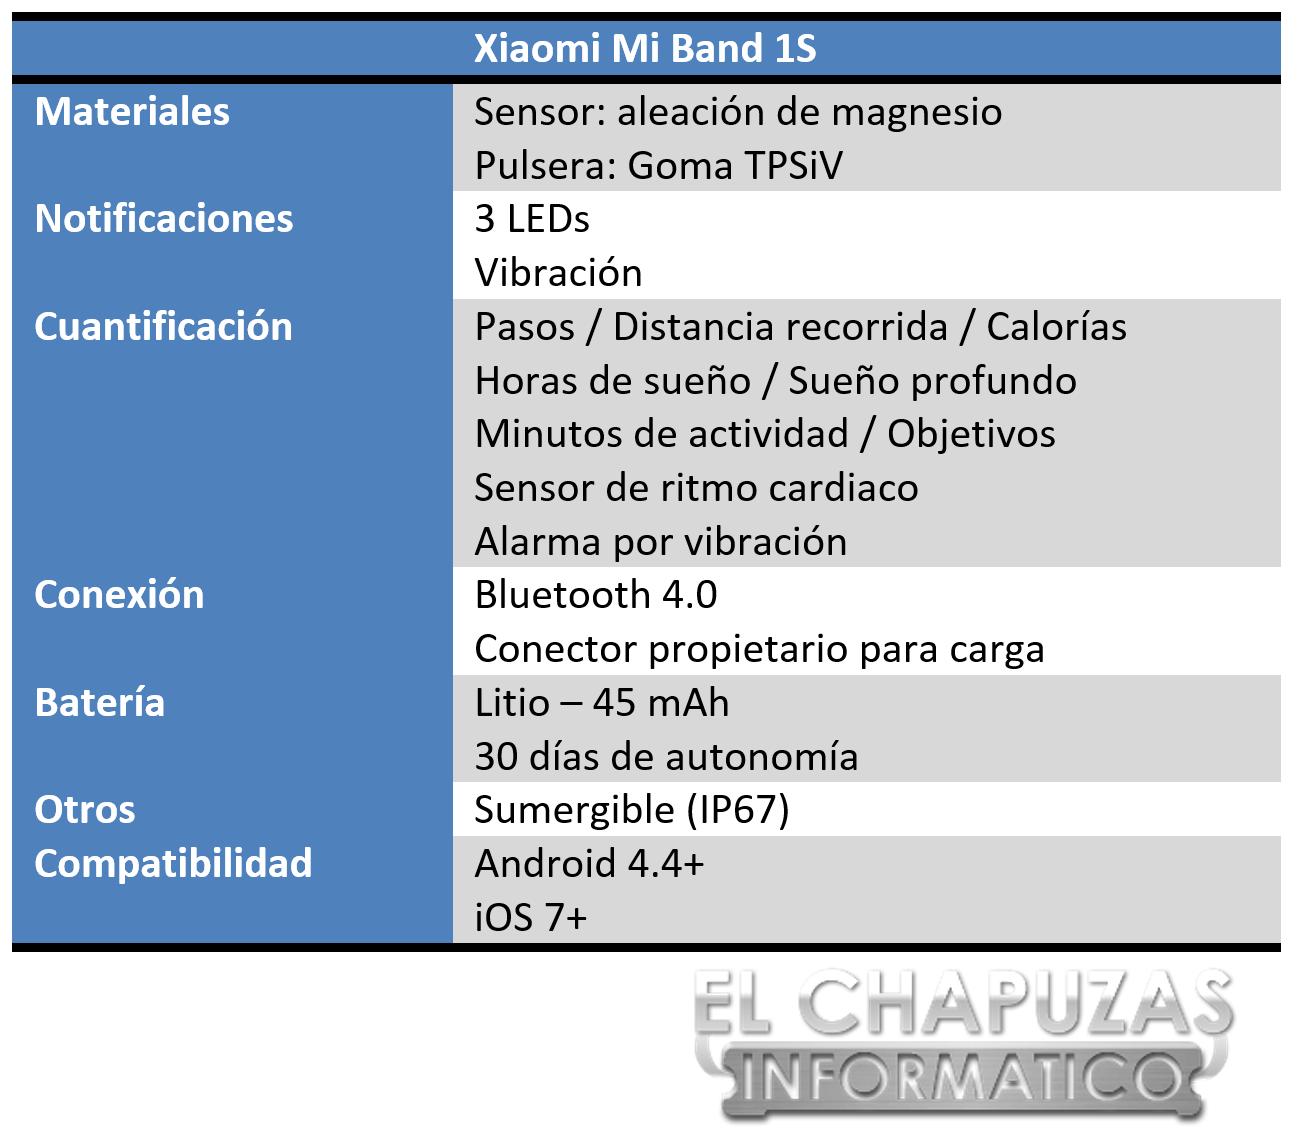 Xiaomi Mi Band 1S Especificaciones